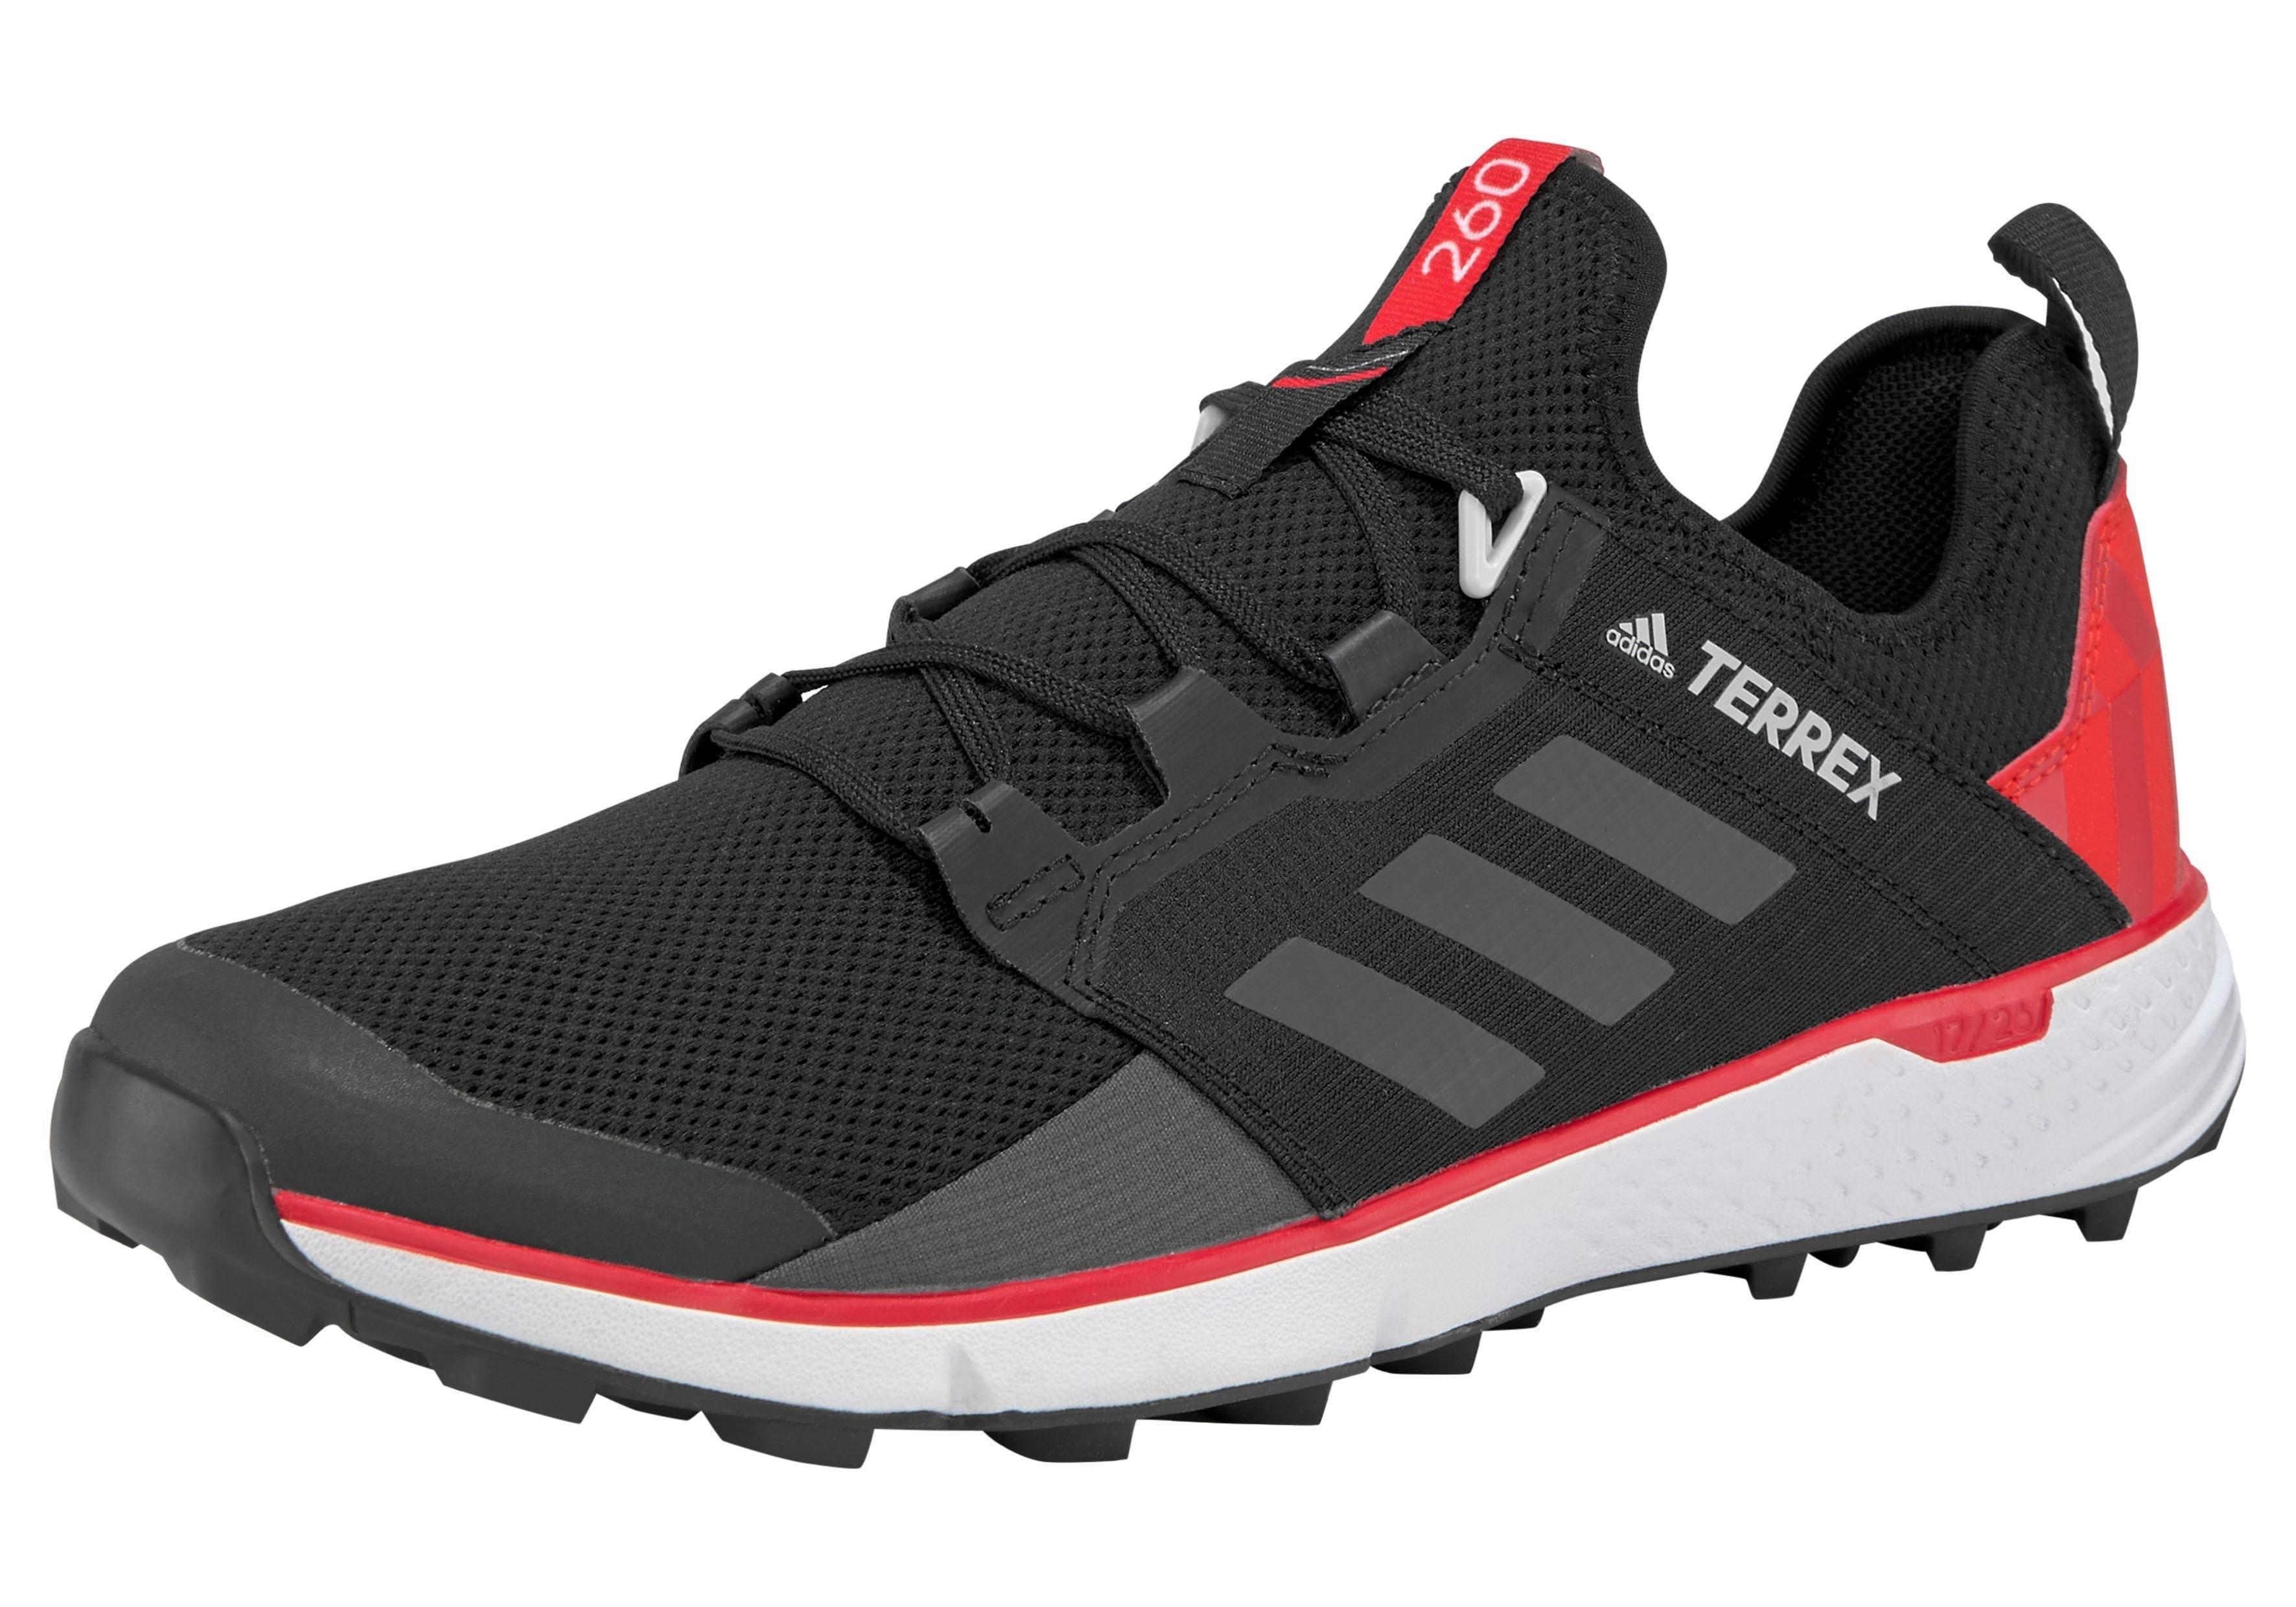 adidas Performance runningschoenen »TERREX SPEED LD« bestellen: 14 dagen bedenktijd